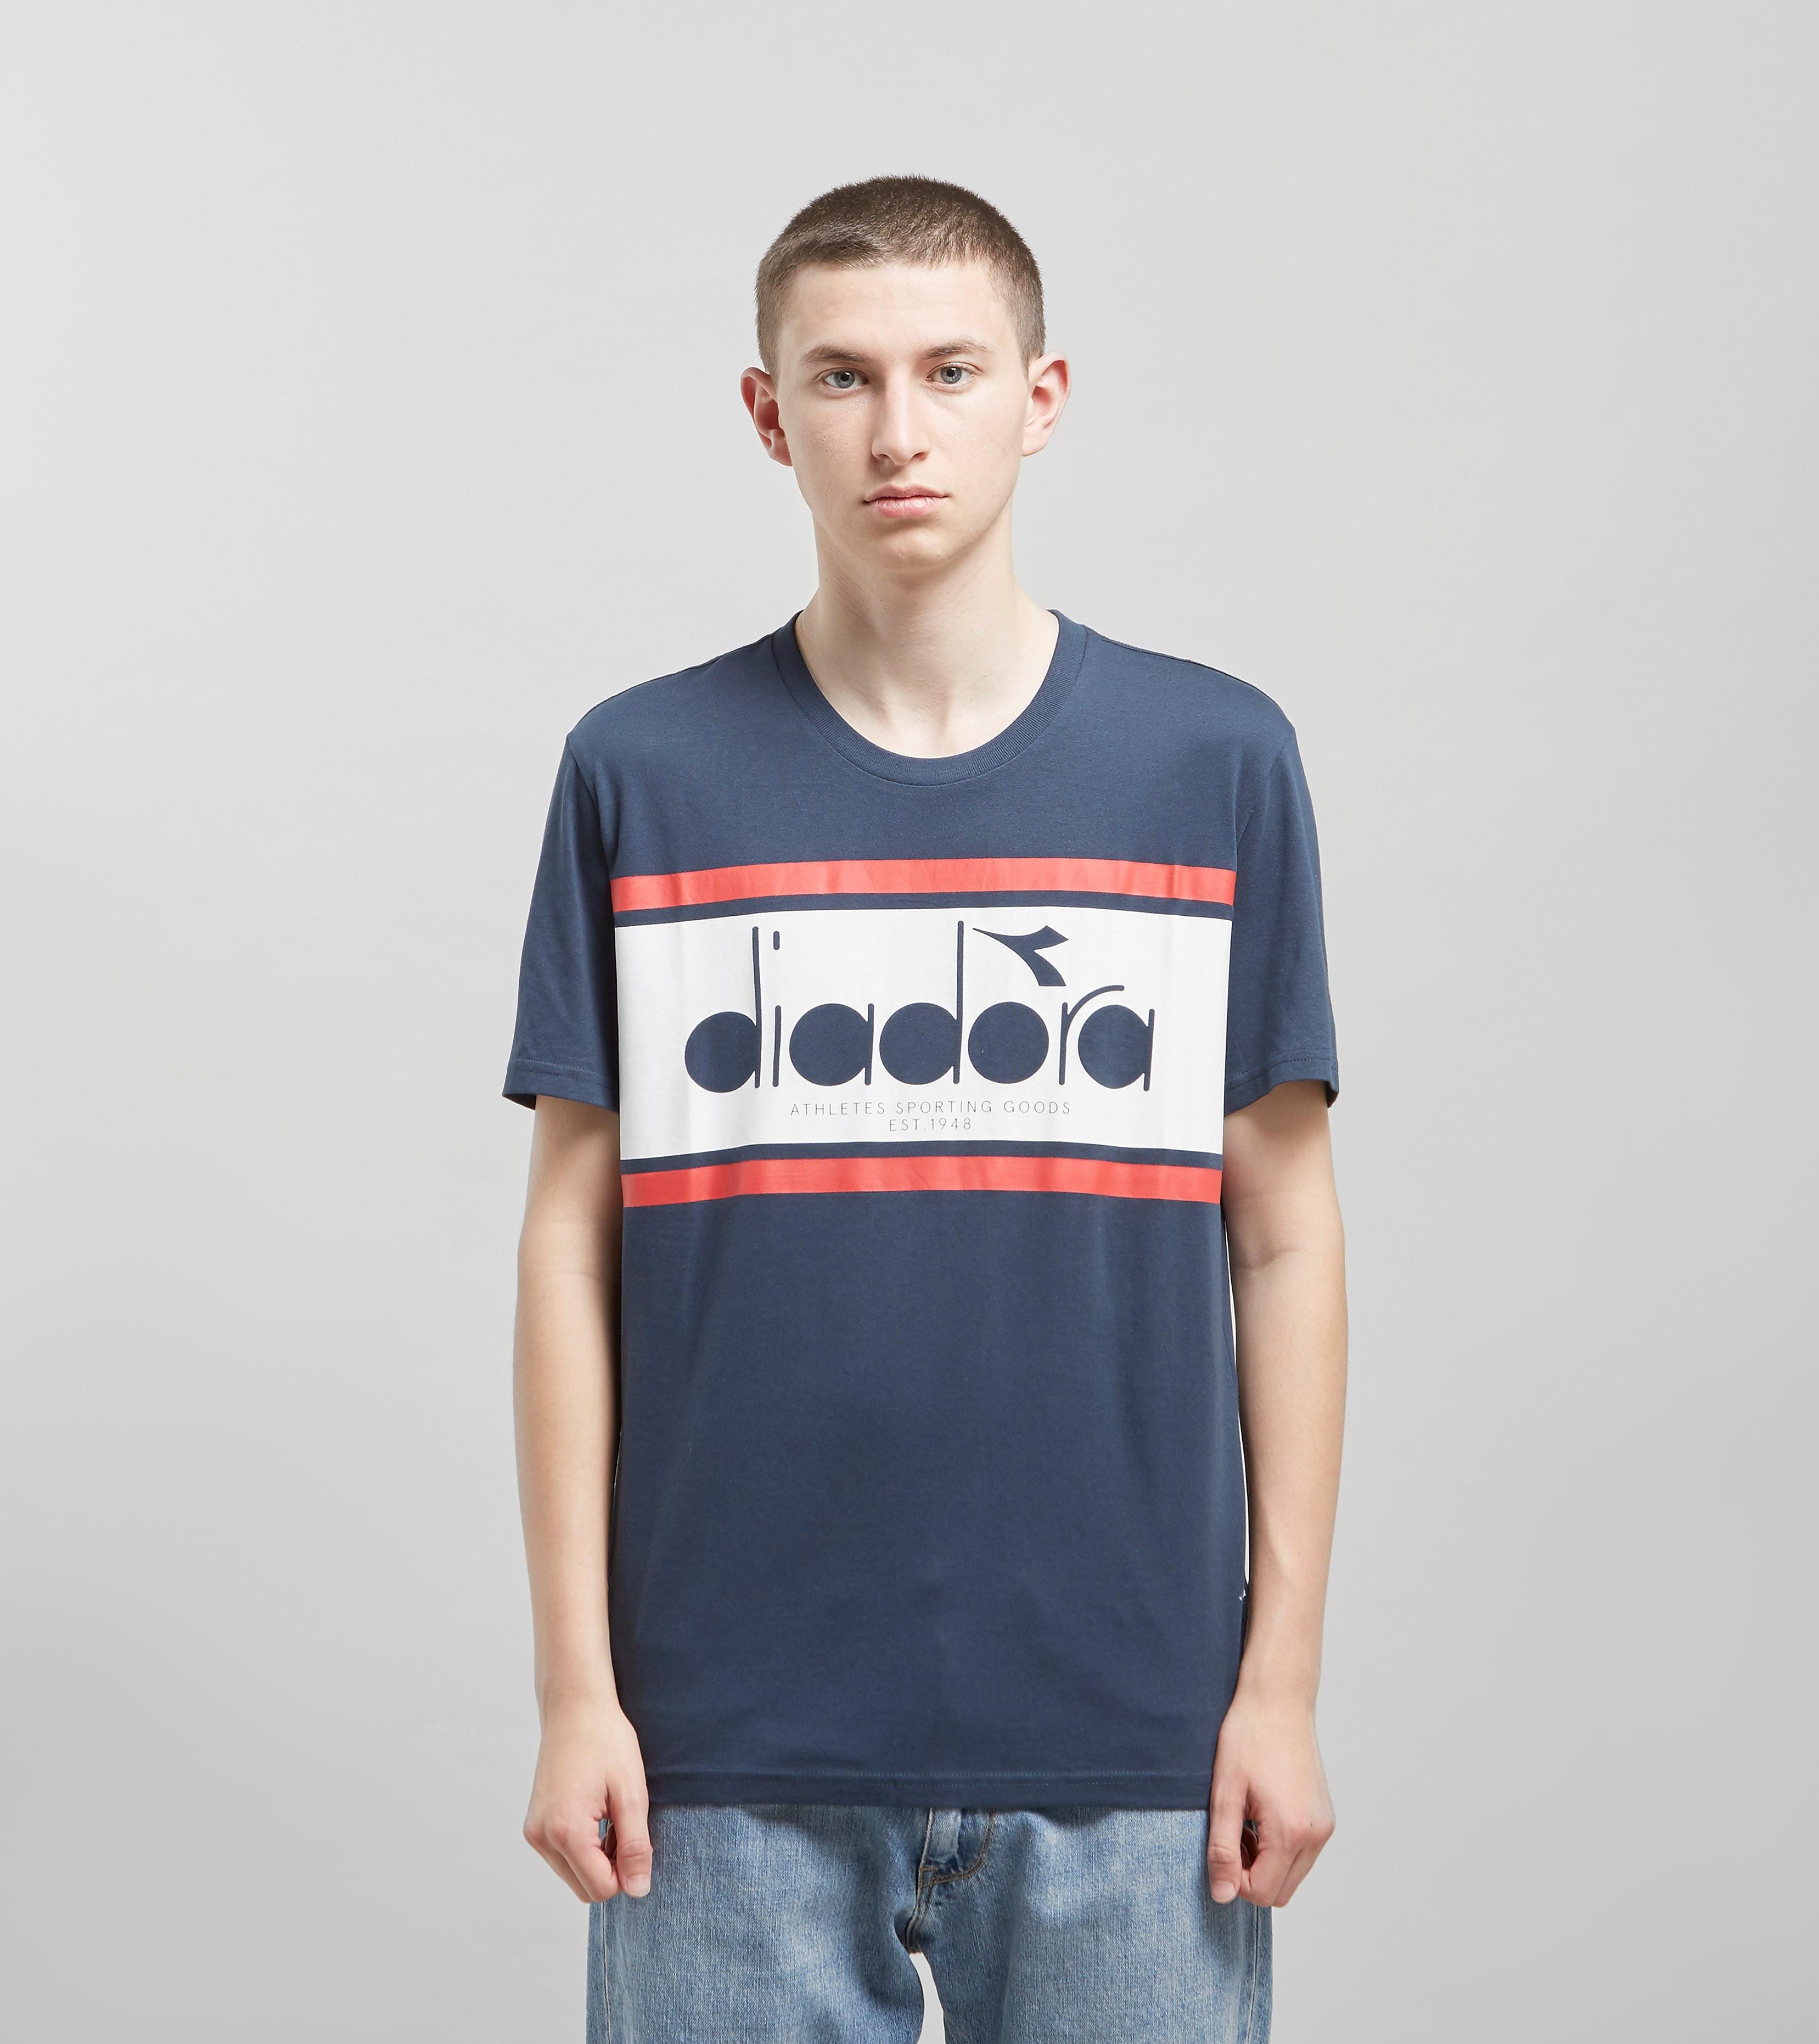 Diadora Spectra T-shirt, Blauw